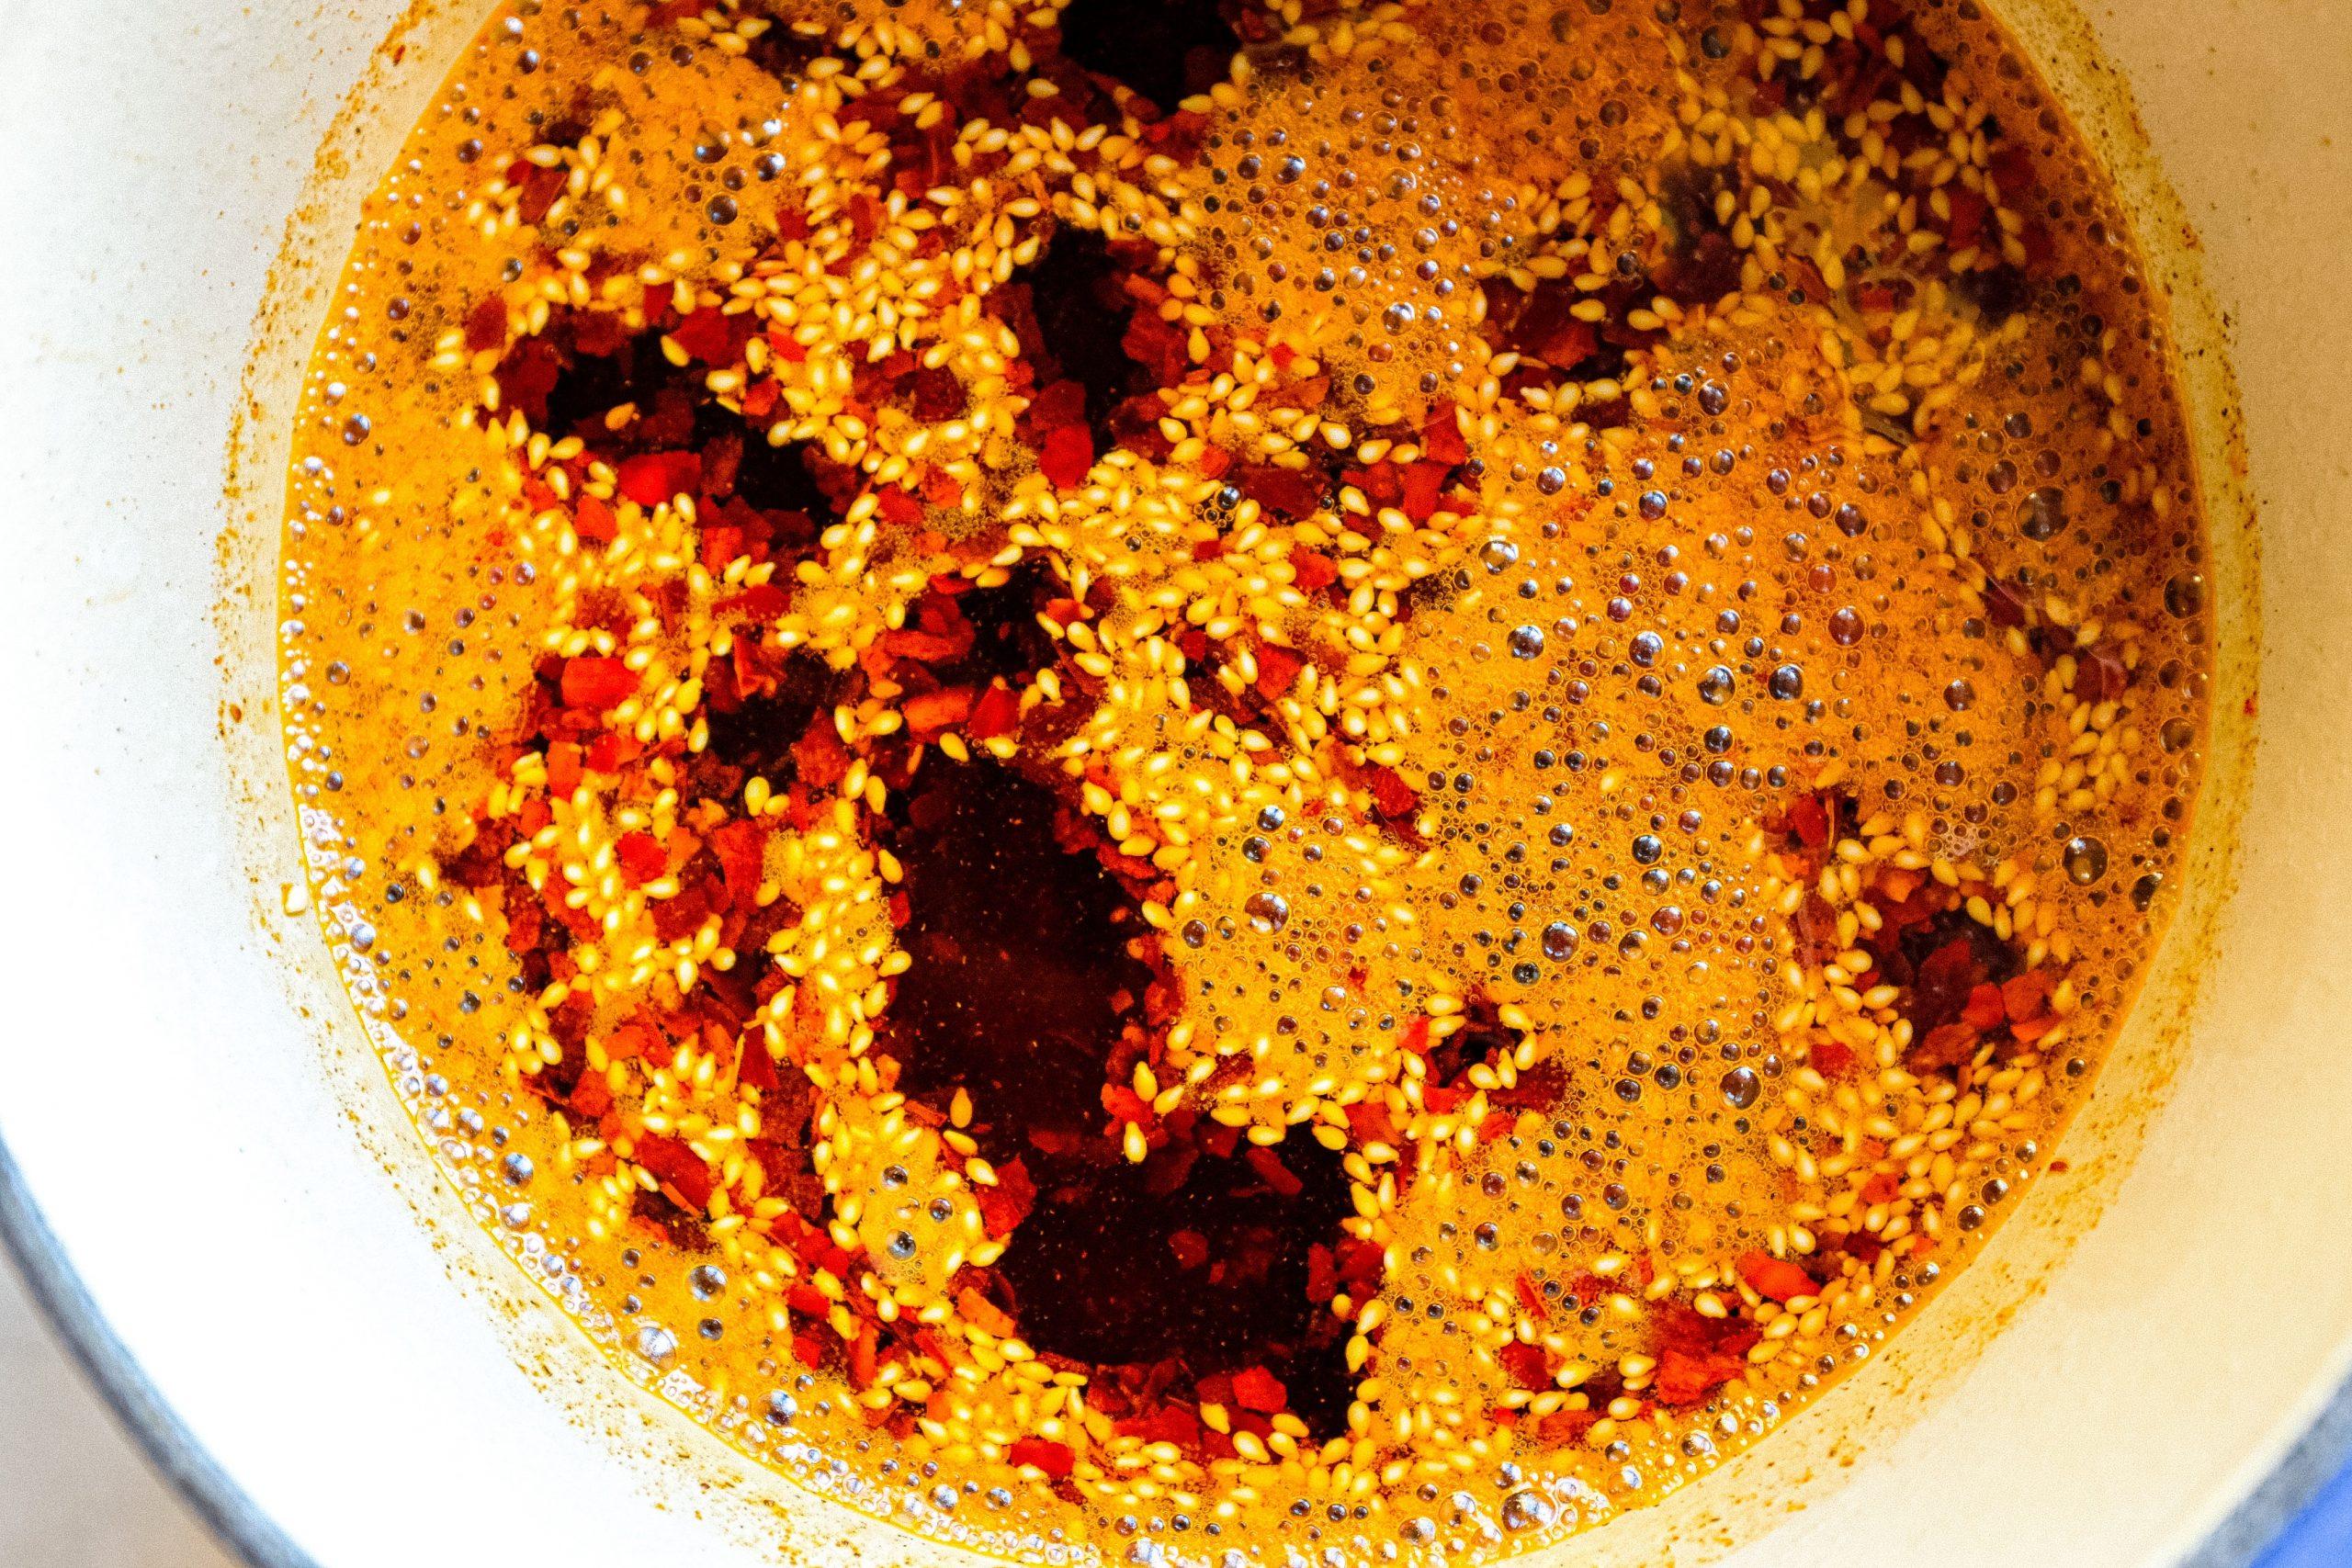 Salta l'olio gentilmente per fare in modo che tutti gli ingredienti si mescolino uniformemente.